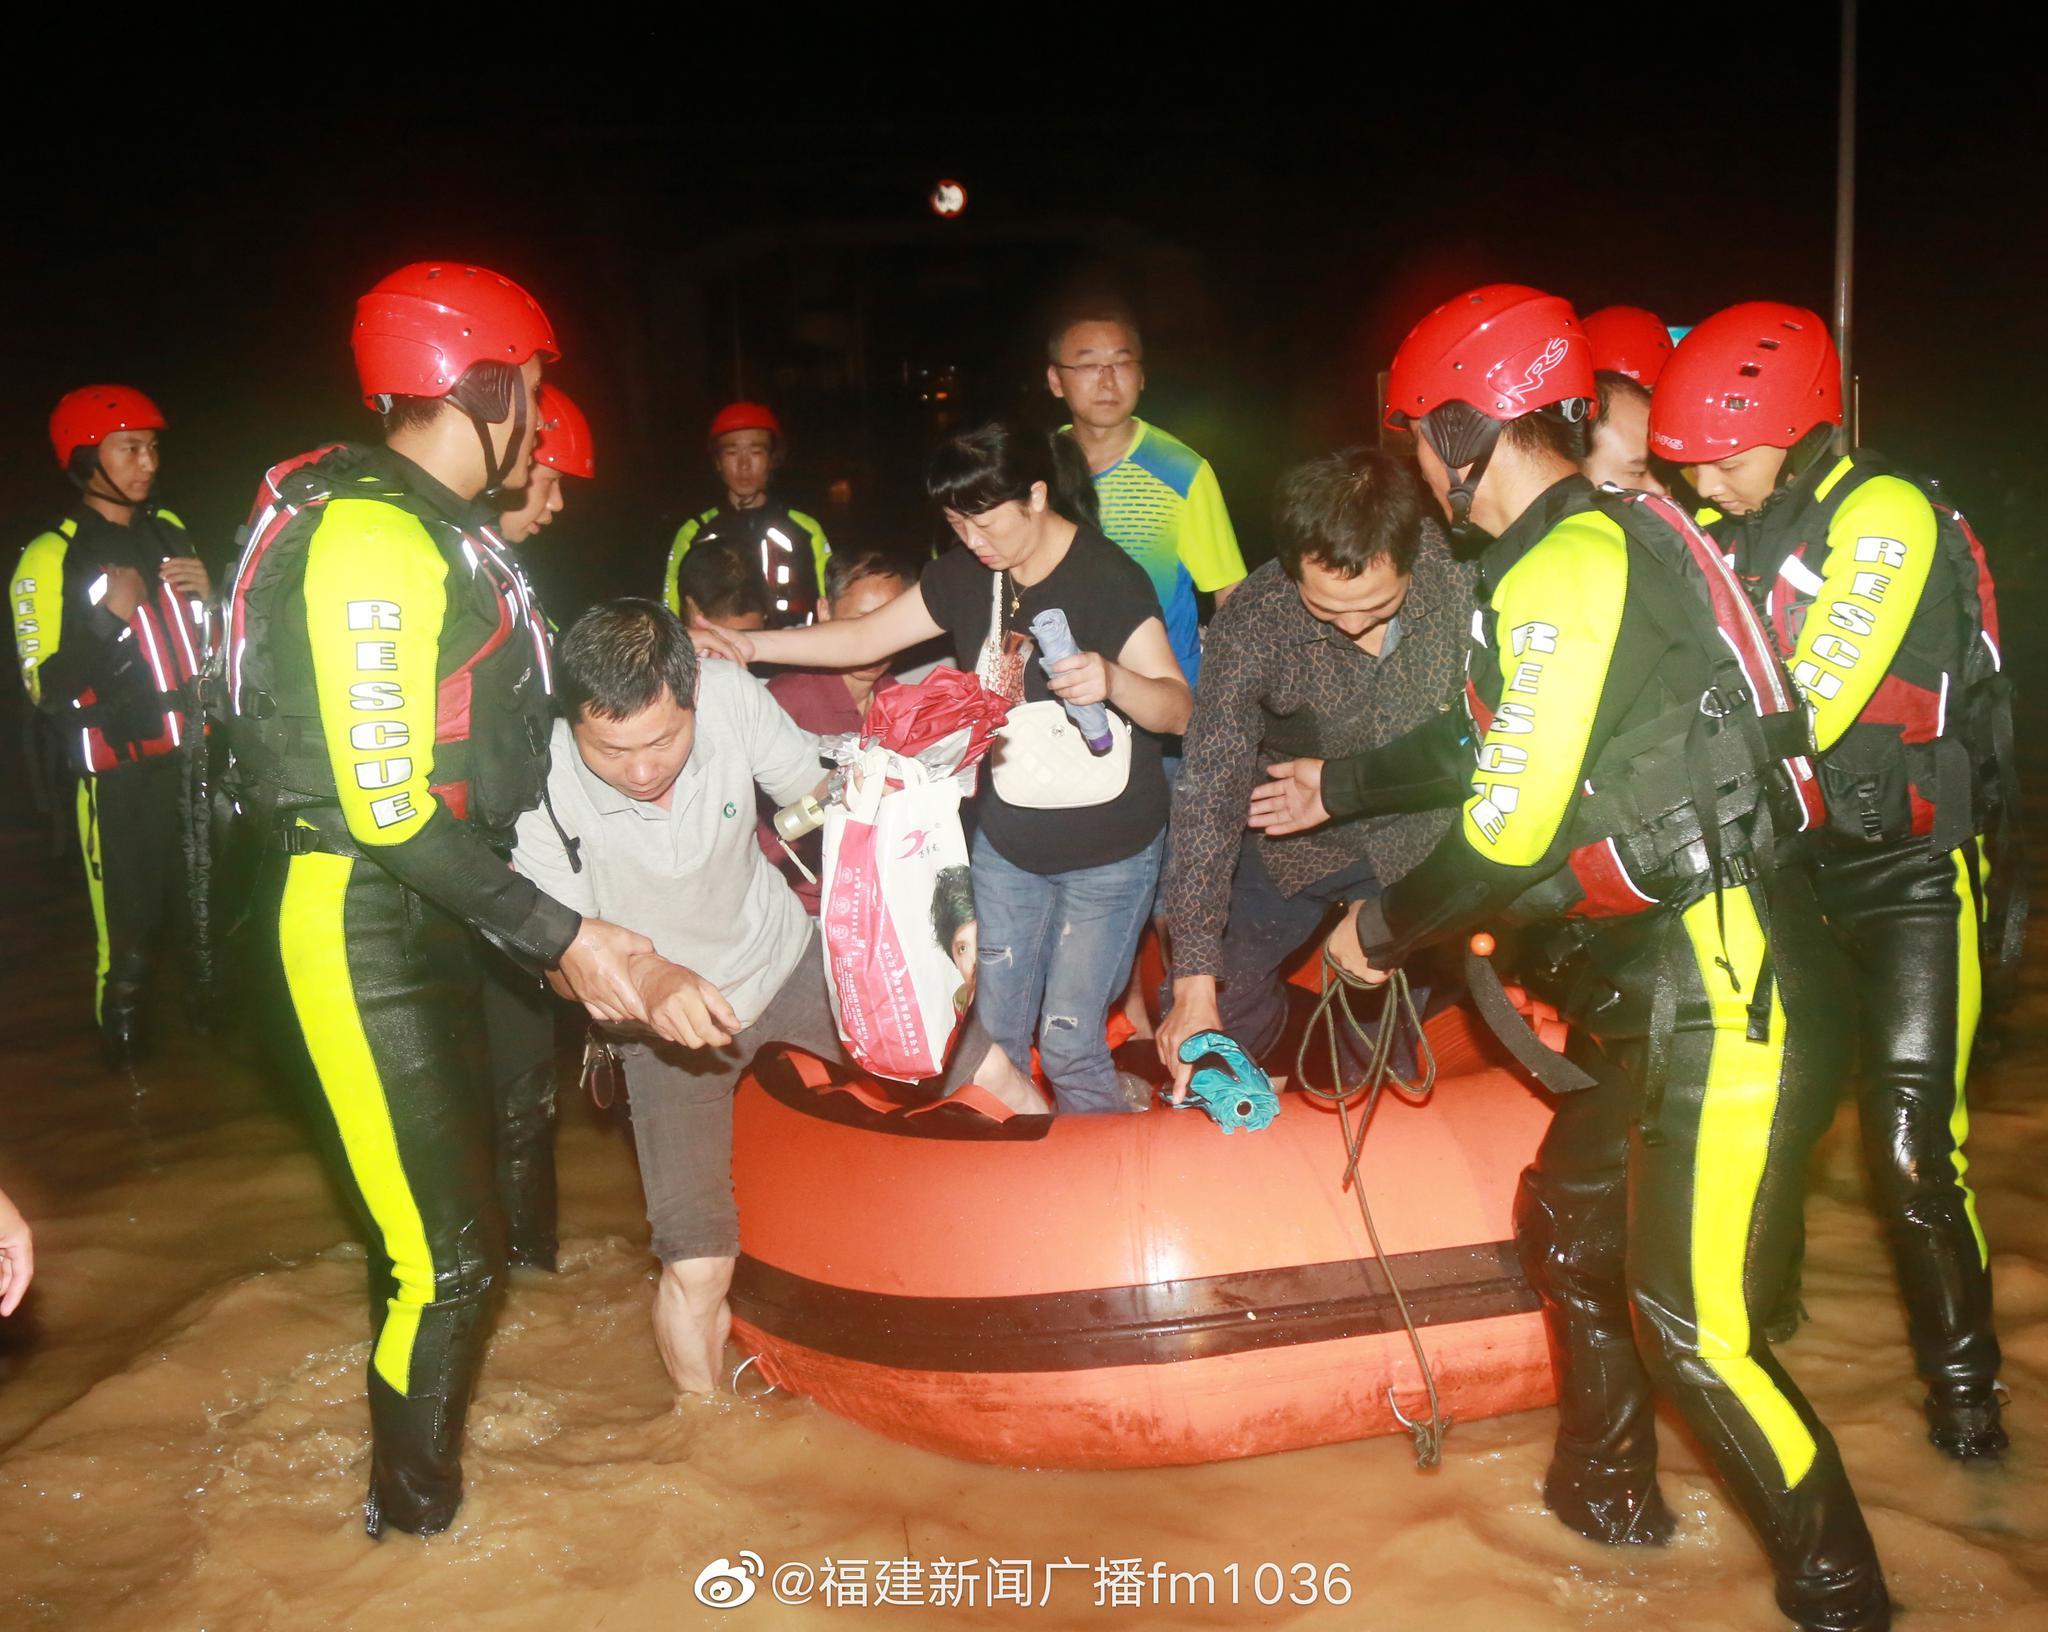 福建新闻广播记者从福建省消防救援总队获悉……